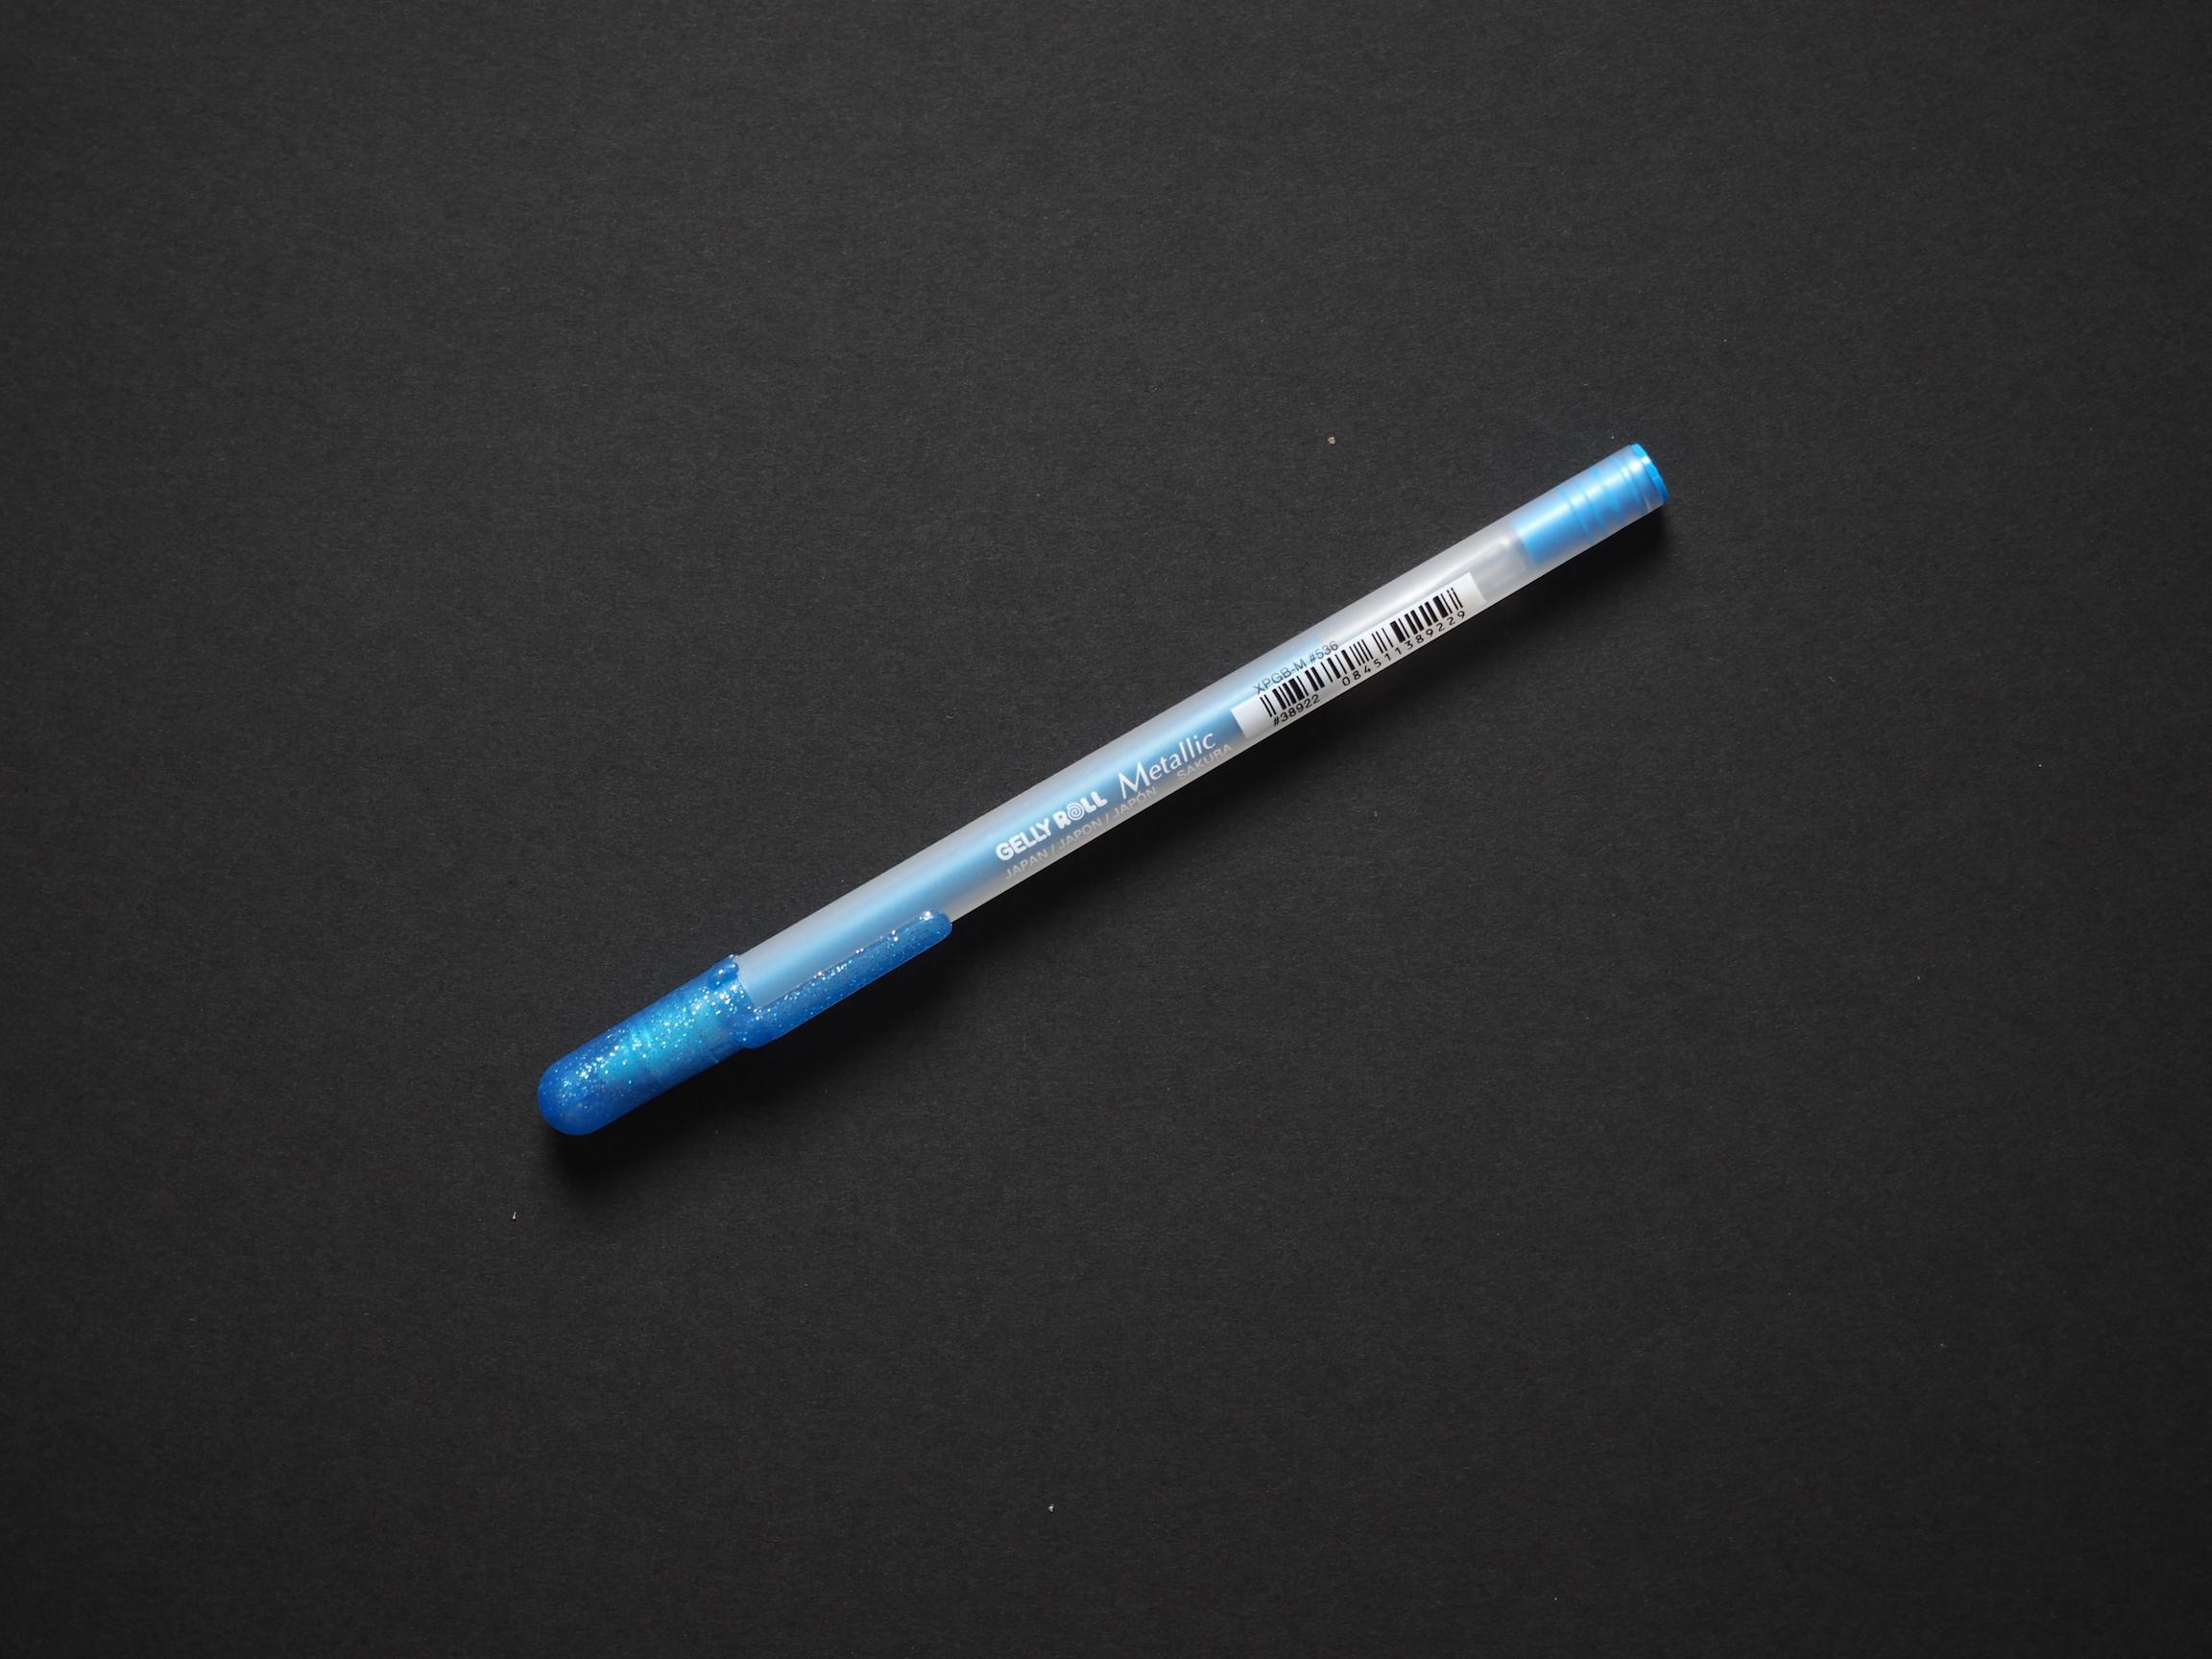 ปากกา SAKURA Gelly Roll Metallic - XPGB-M#536